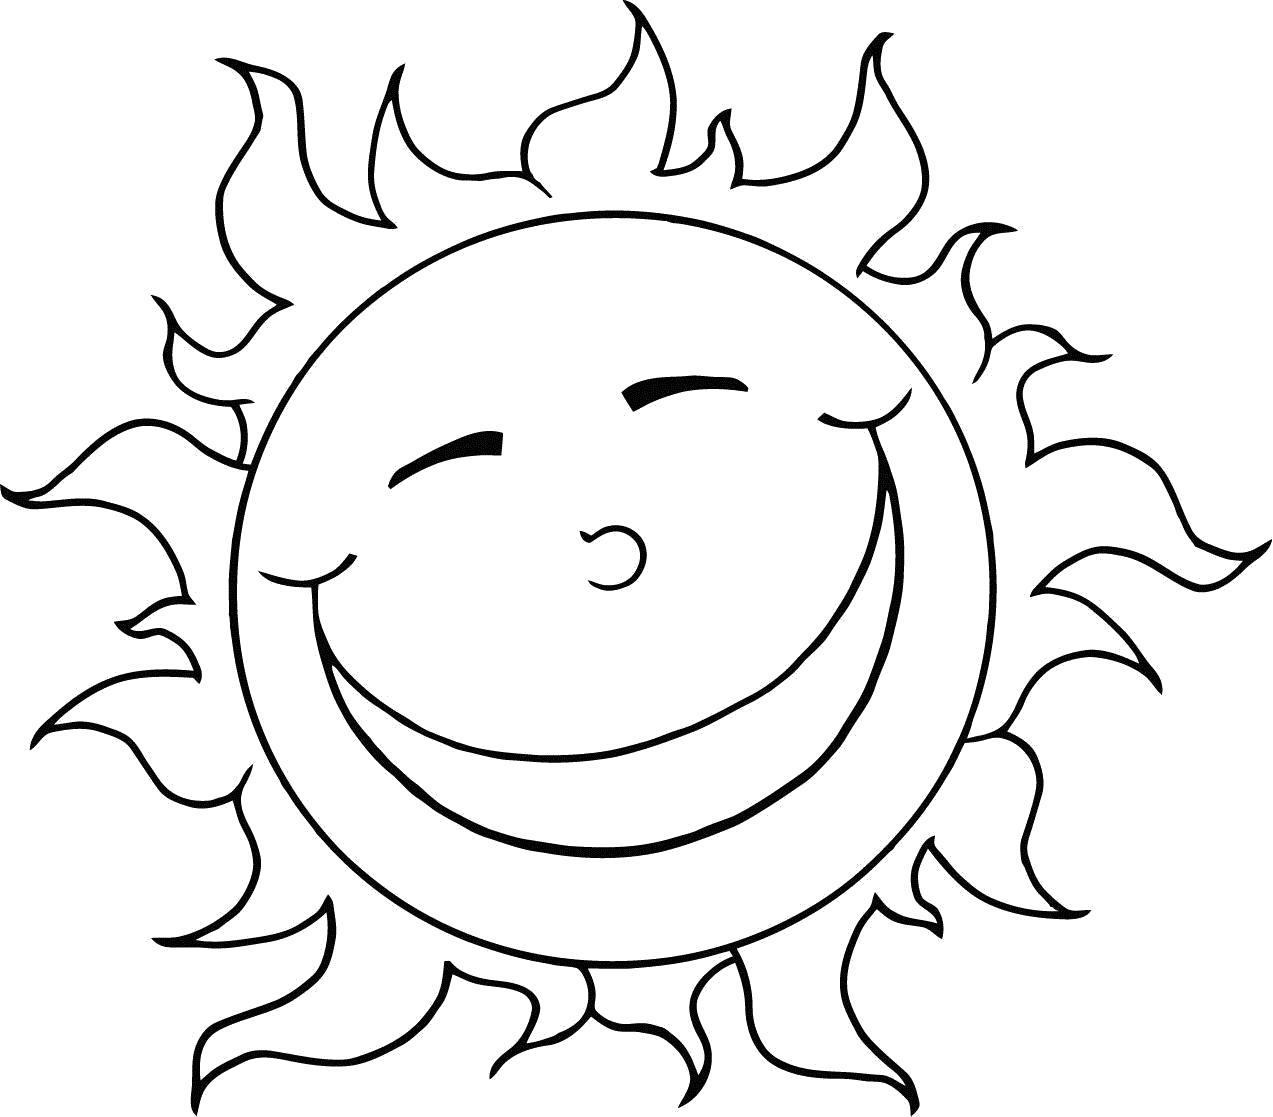 Раскраска Радость. Скачать Солнышко.  Распечатать Солнышко